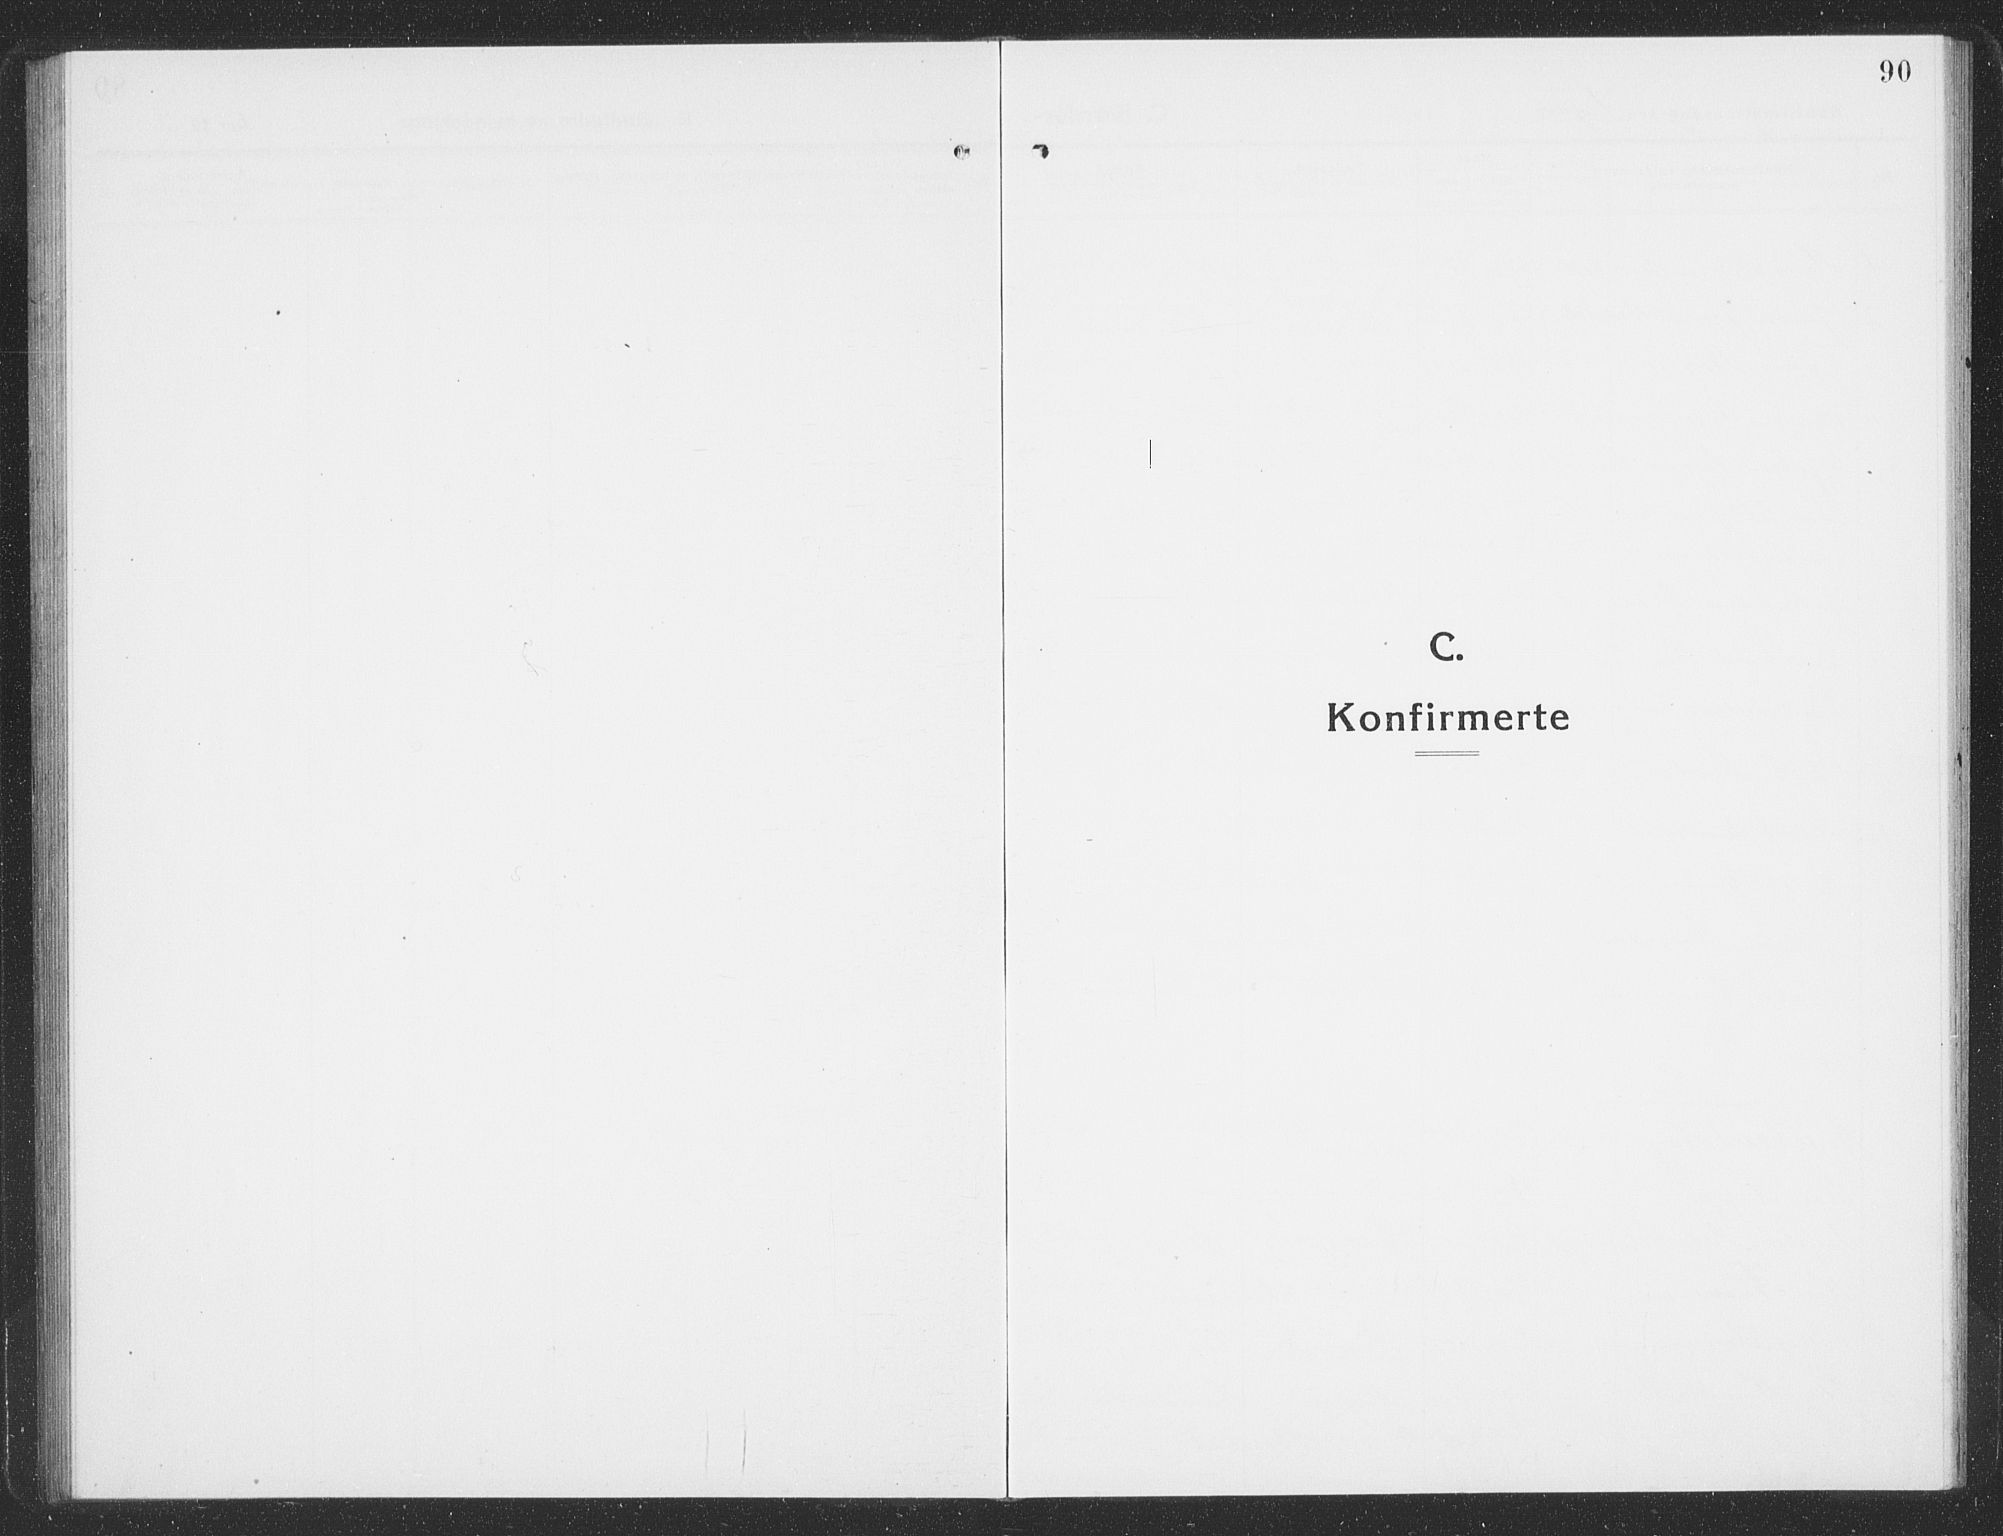 SAT, Ministerialprotokoller, klokkerbøker og fødselsregistre - Sør-Trøndelag, 688/L1030: Klokkerbok nr. 688C05, 1916-1939, s. 90